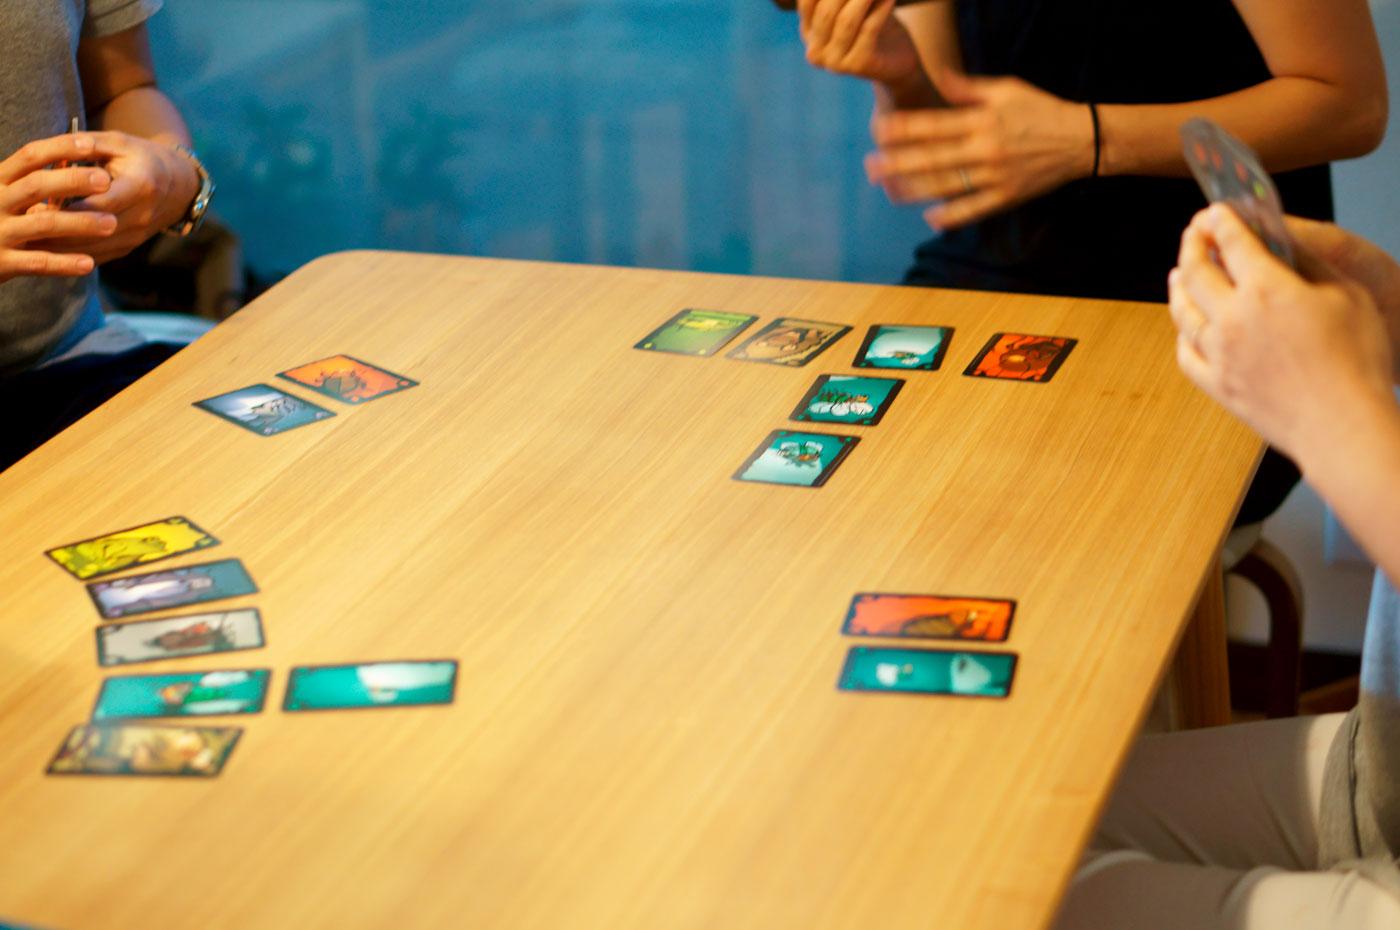 アナログゲーム ごきぶりポーカー